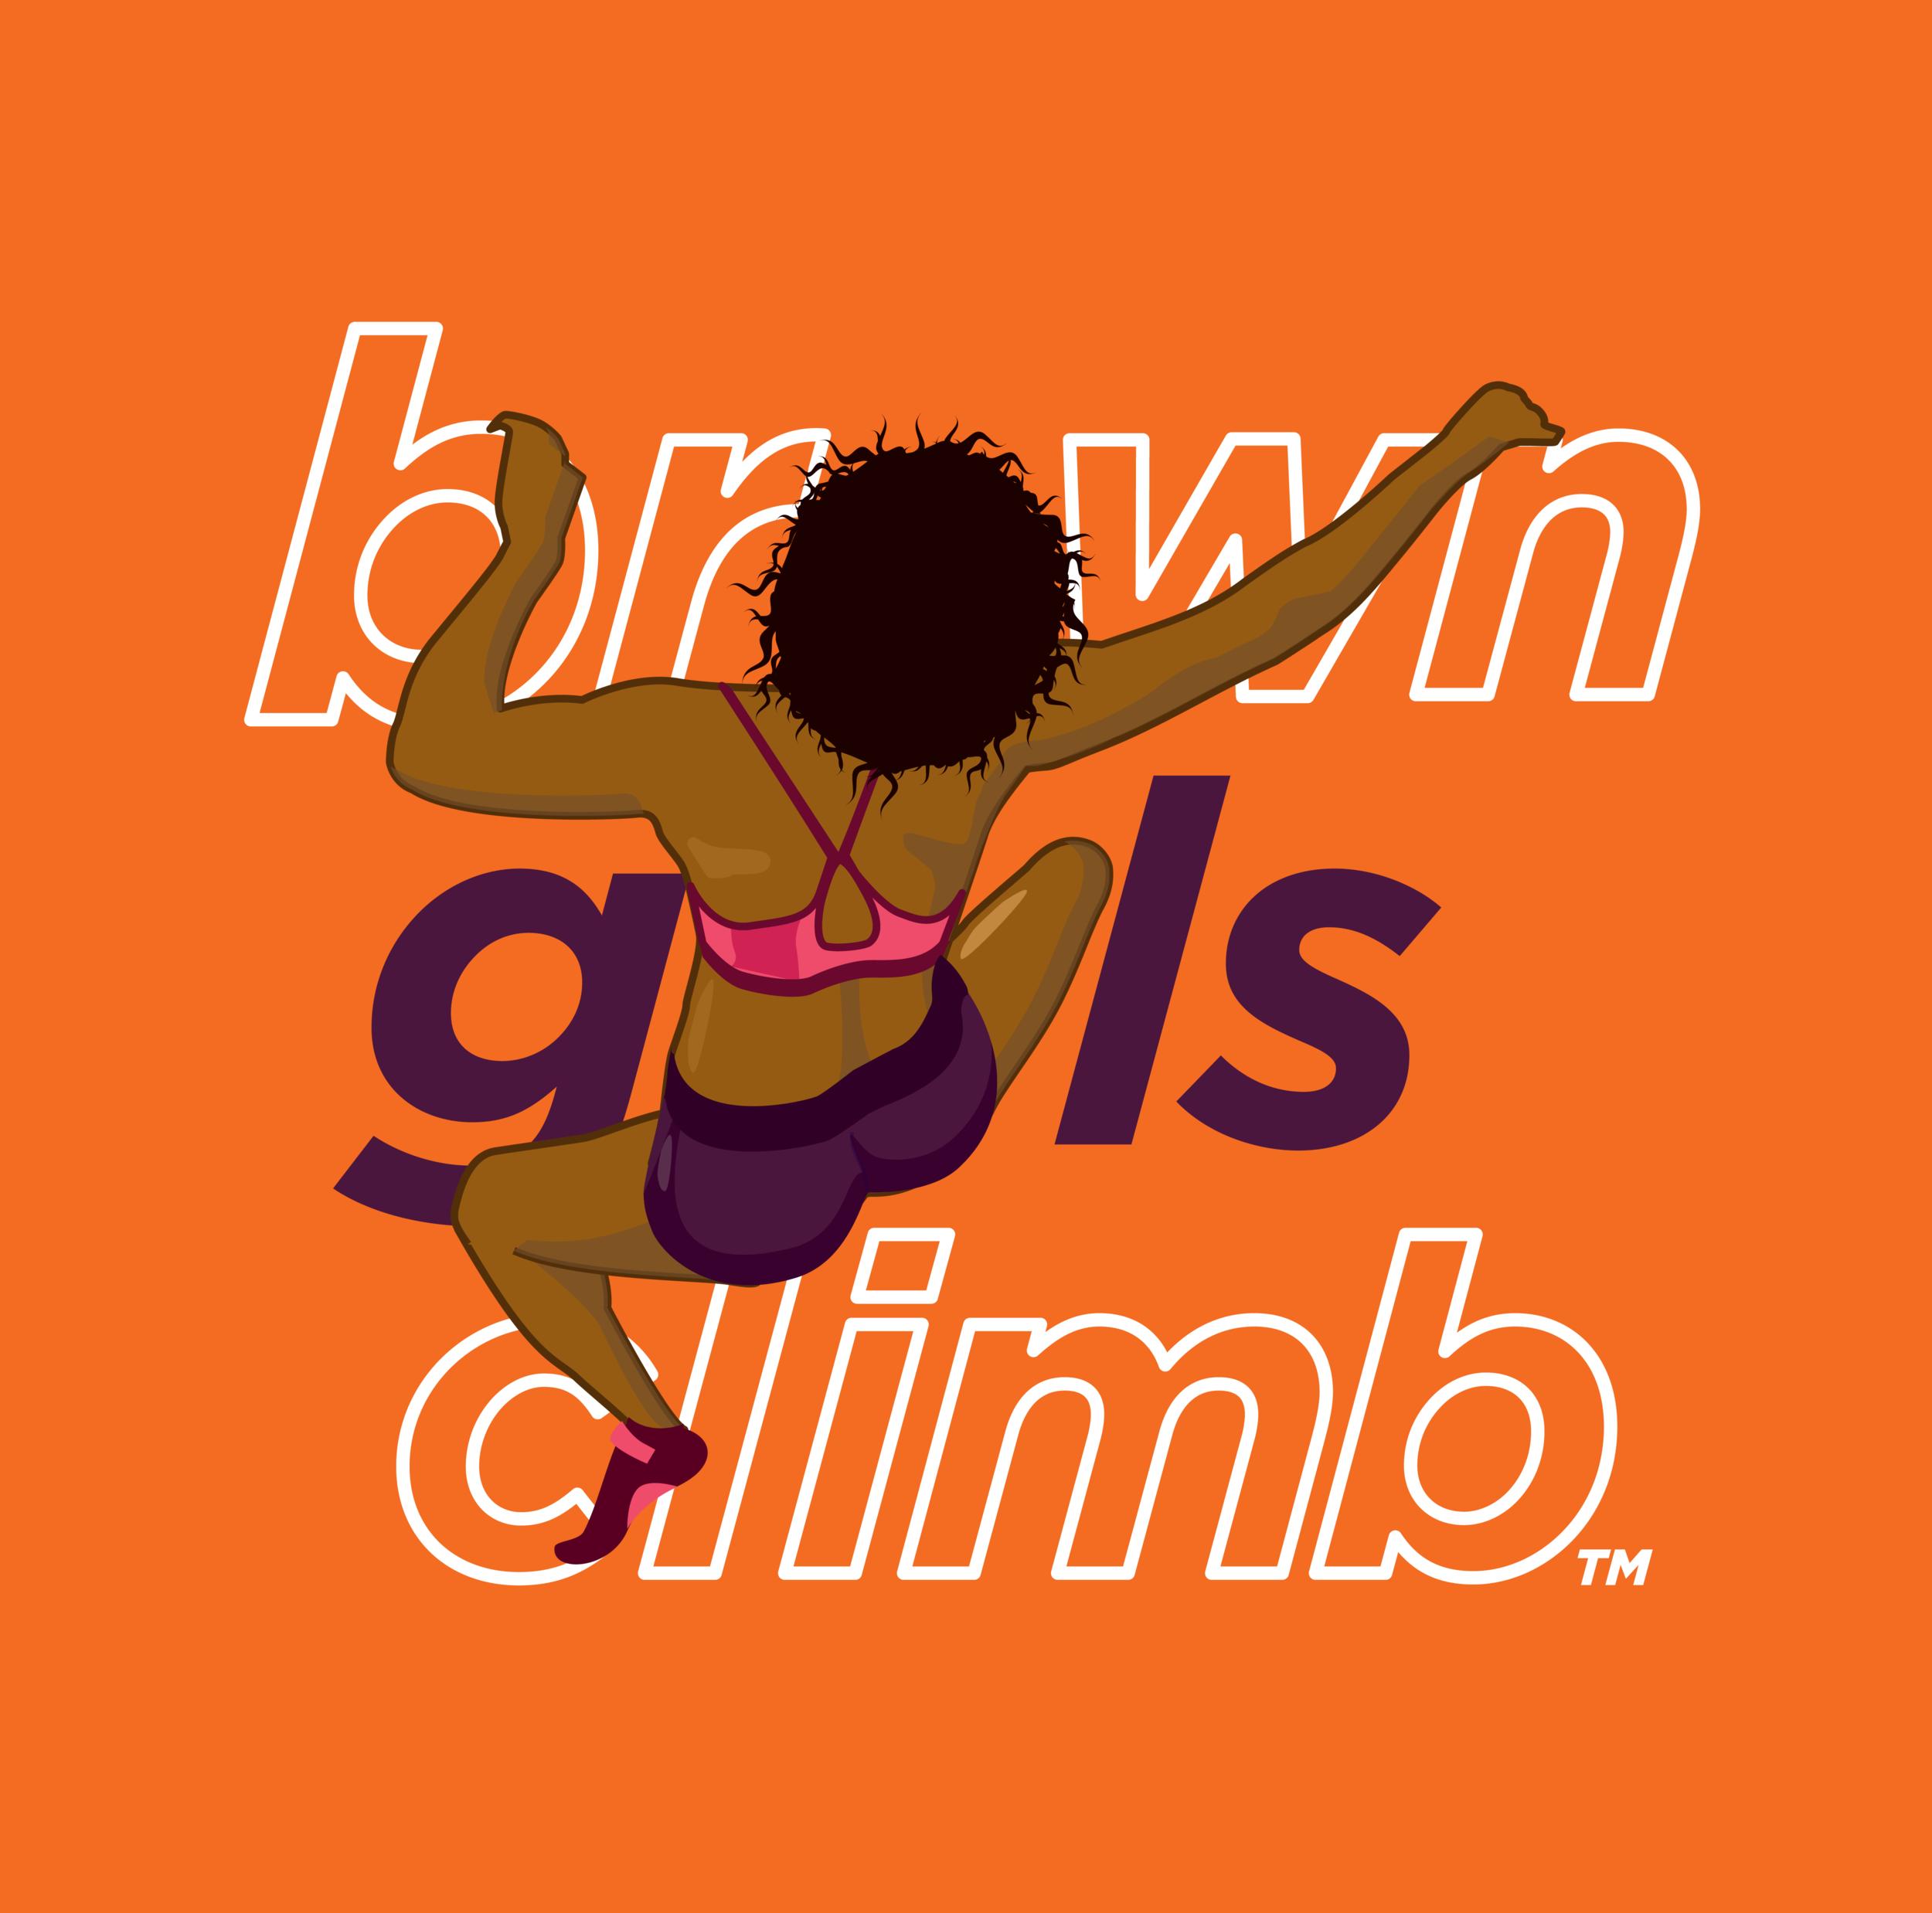 http://www.browngirlsclimb.com/